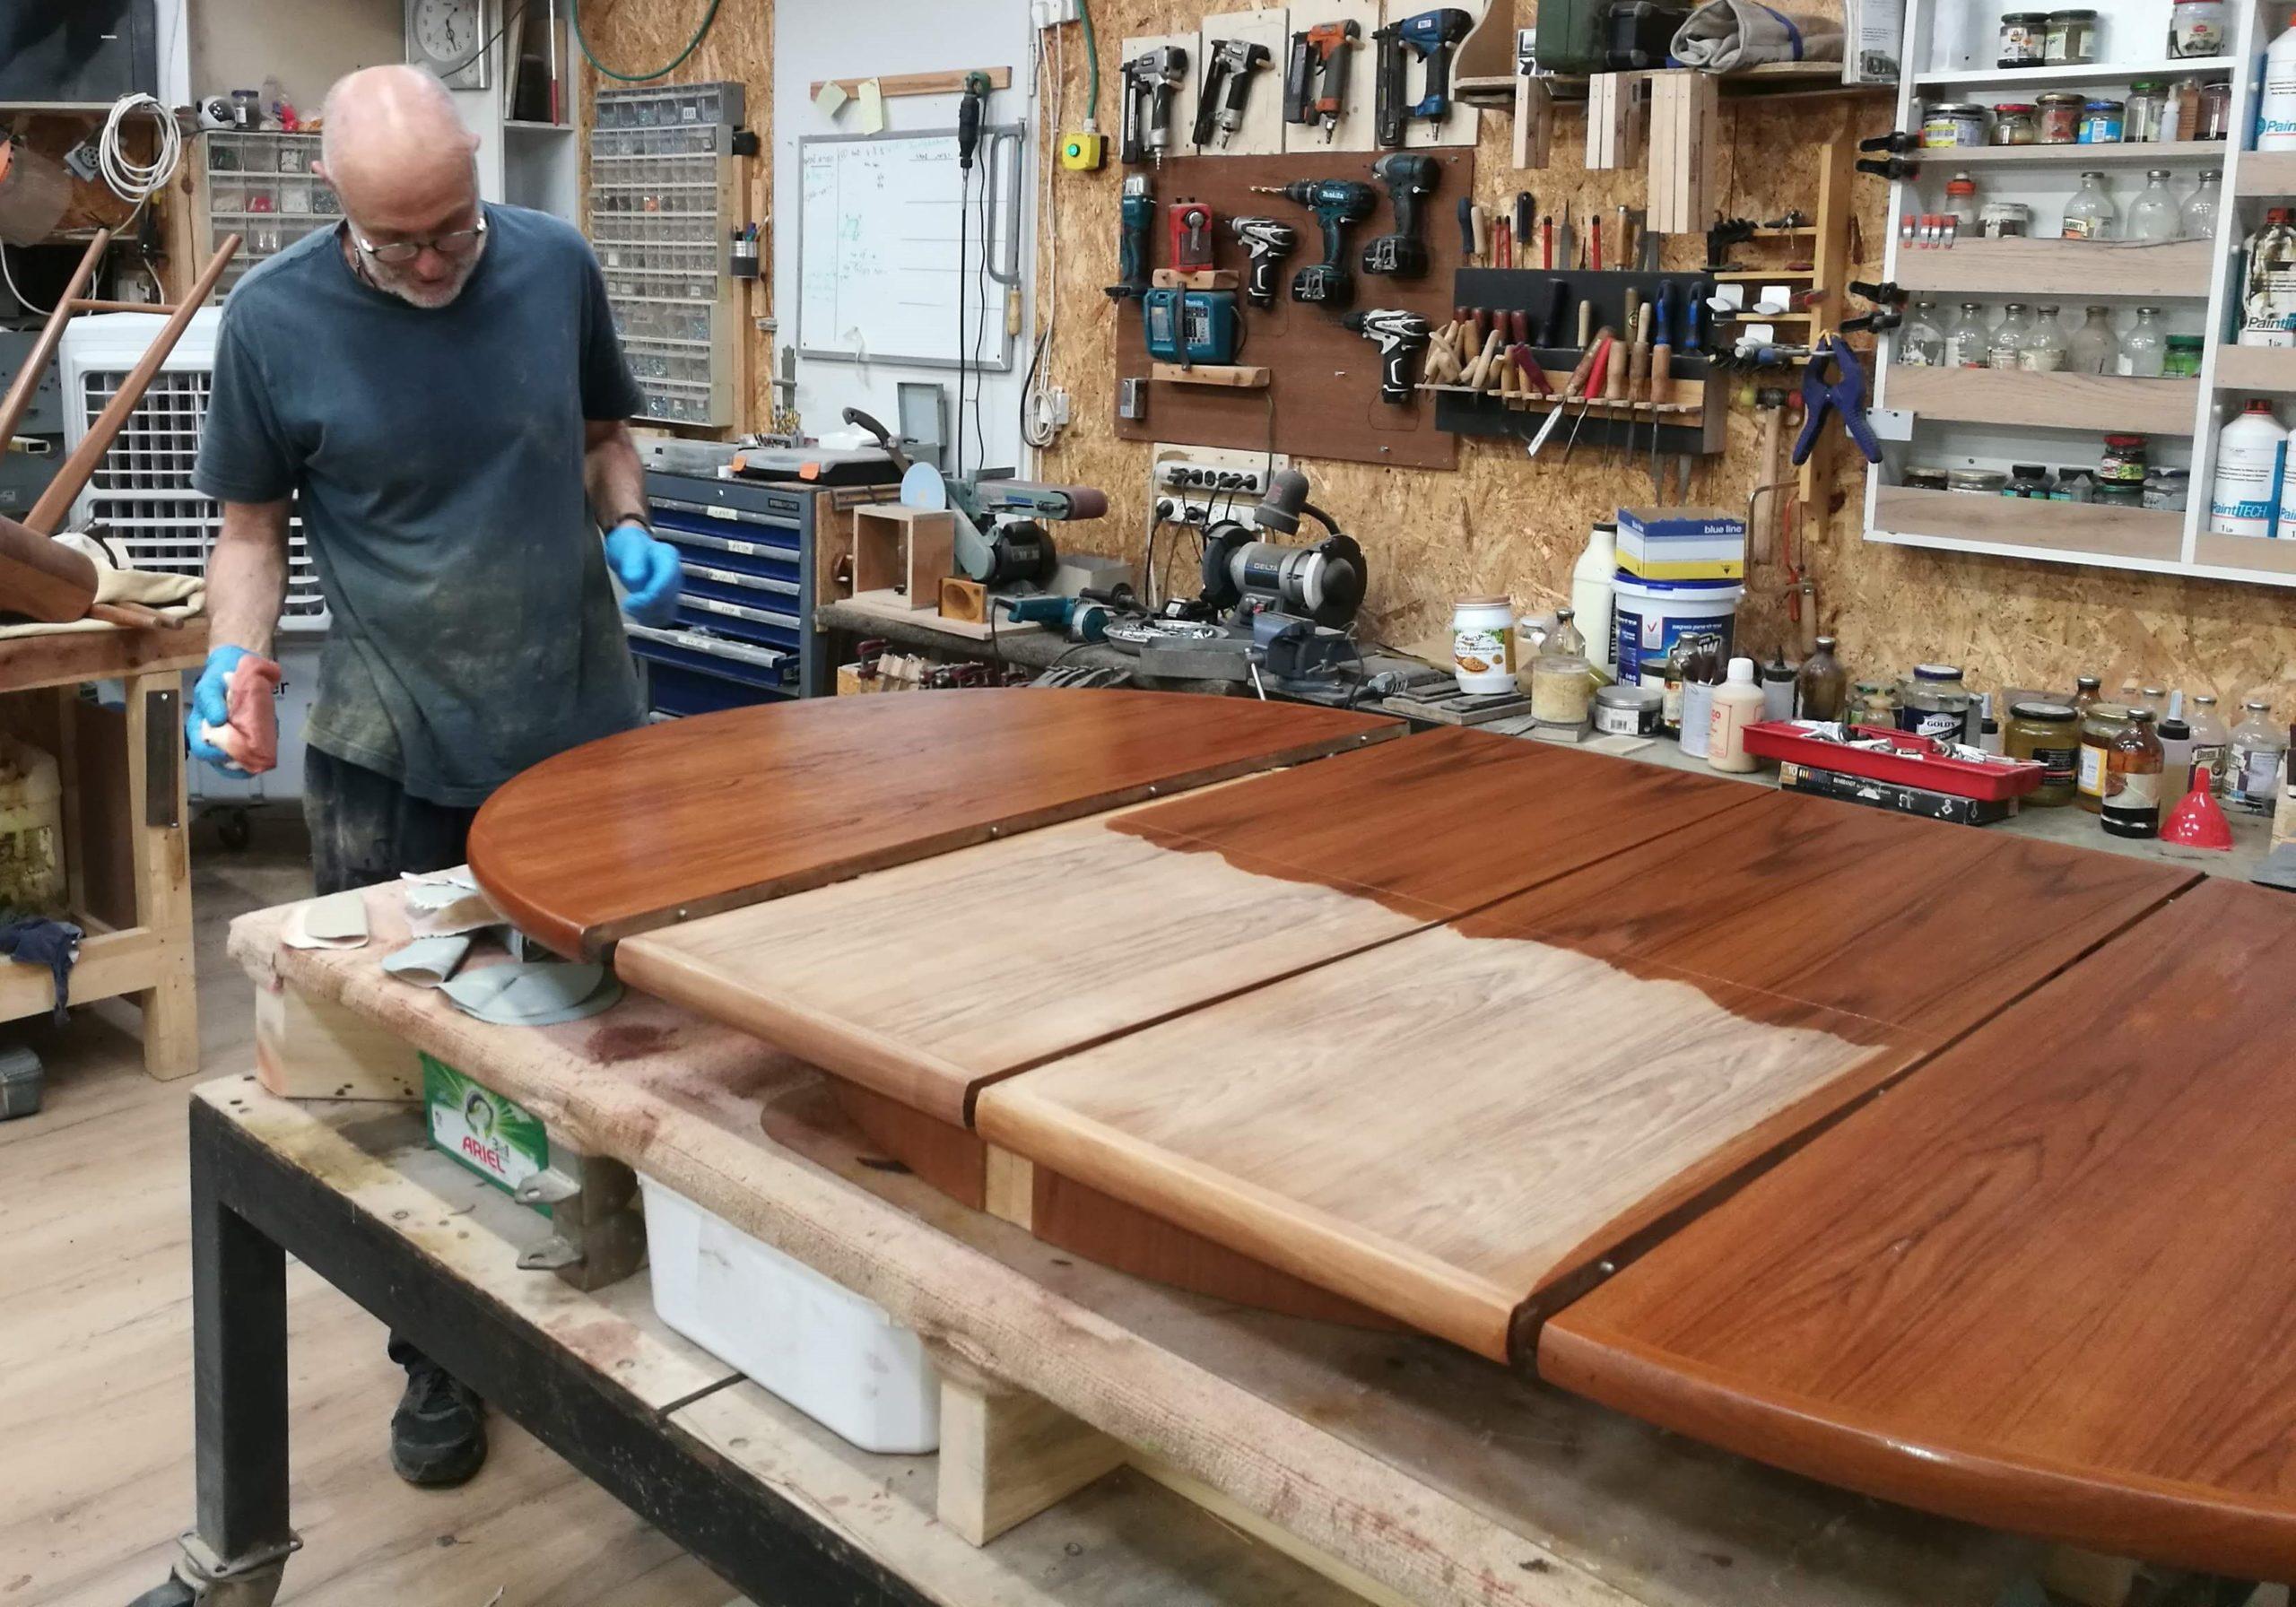 שחזור רהיטים - שחזור שולחן - רסטורנו